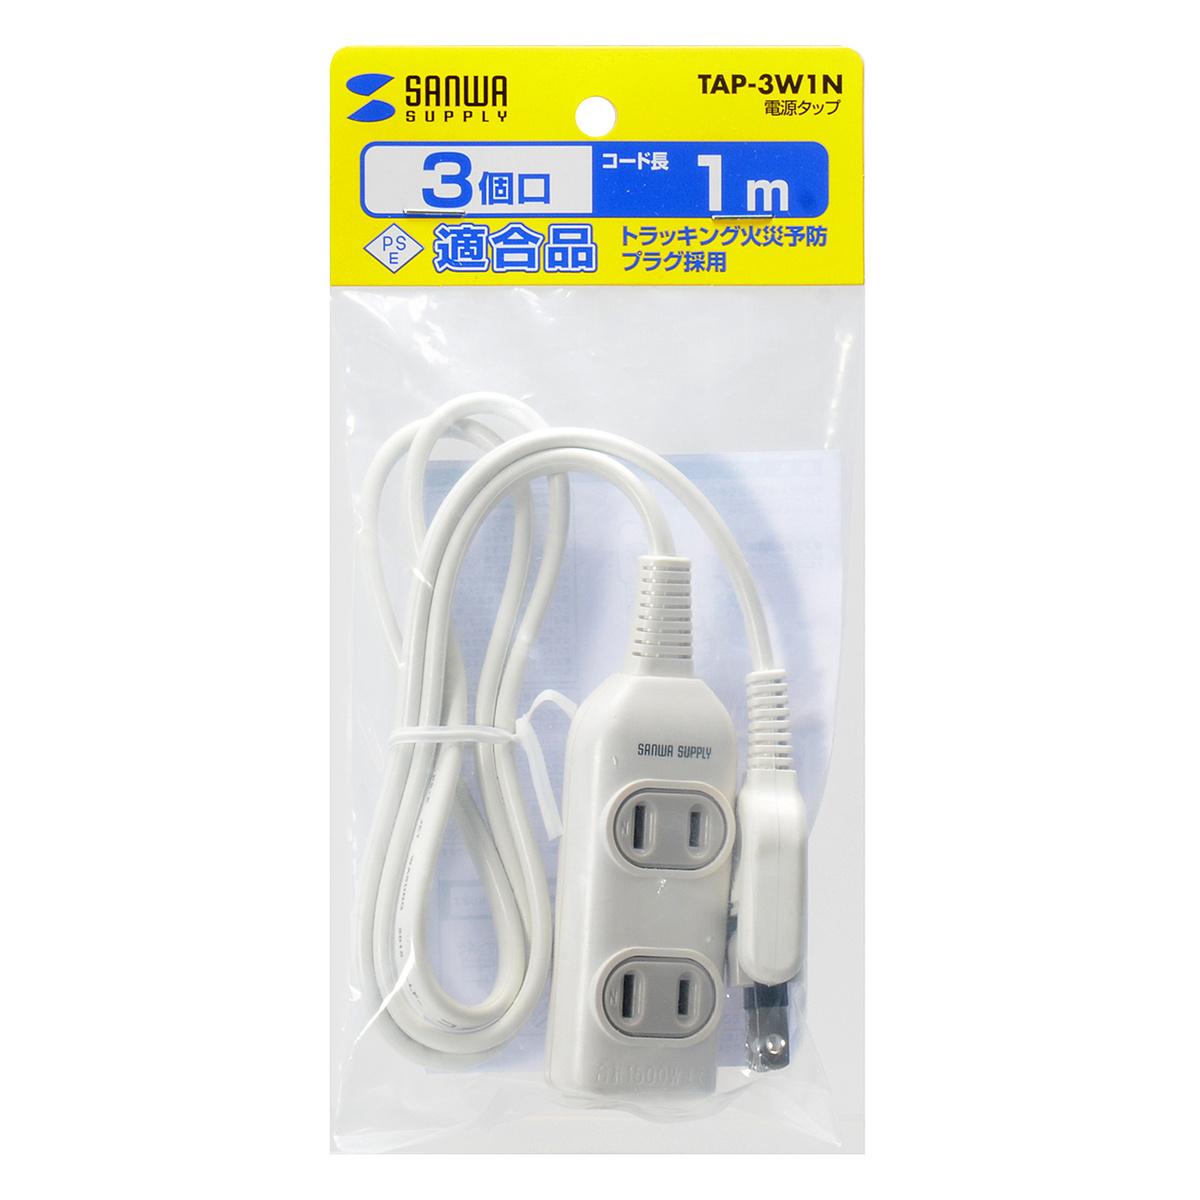 [TAP-3W1N] 電源タップ(2P・3個口・1m)